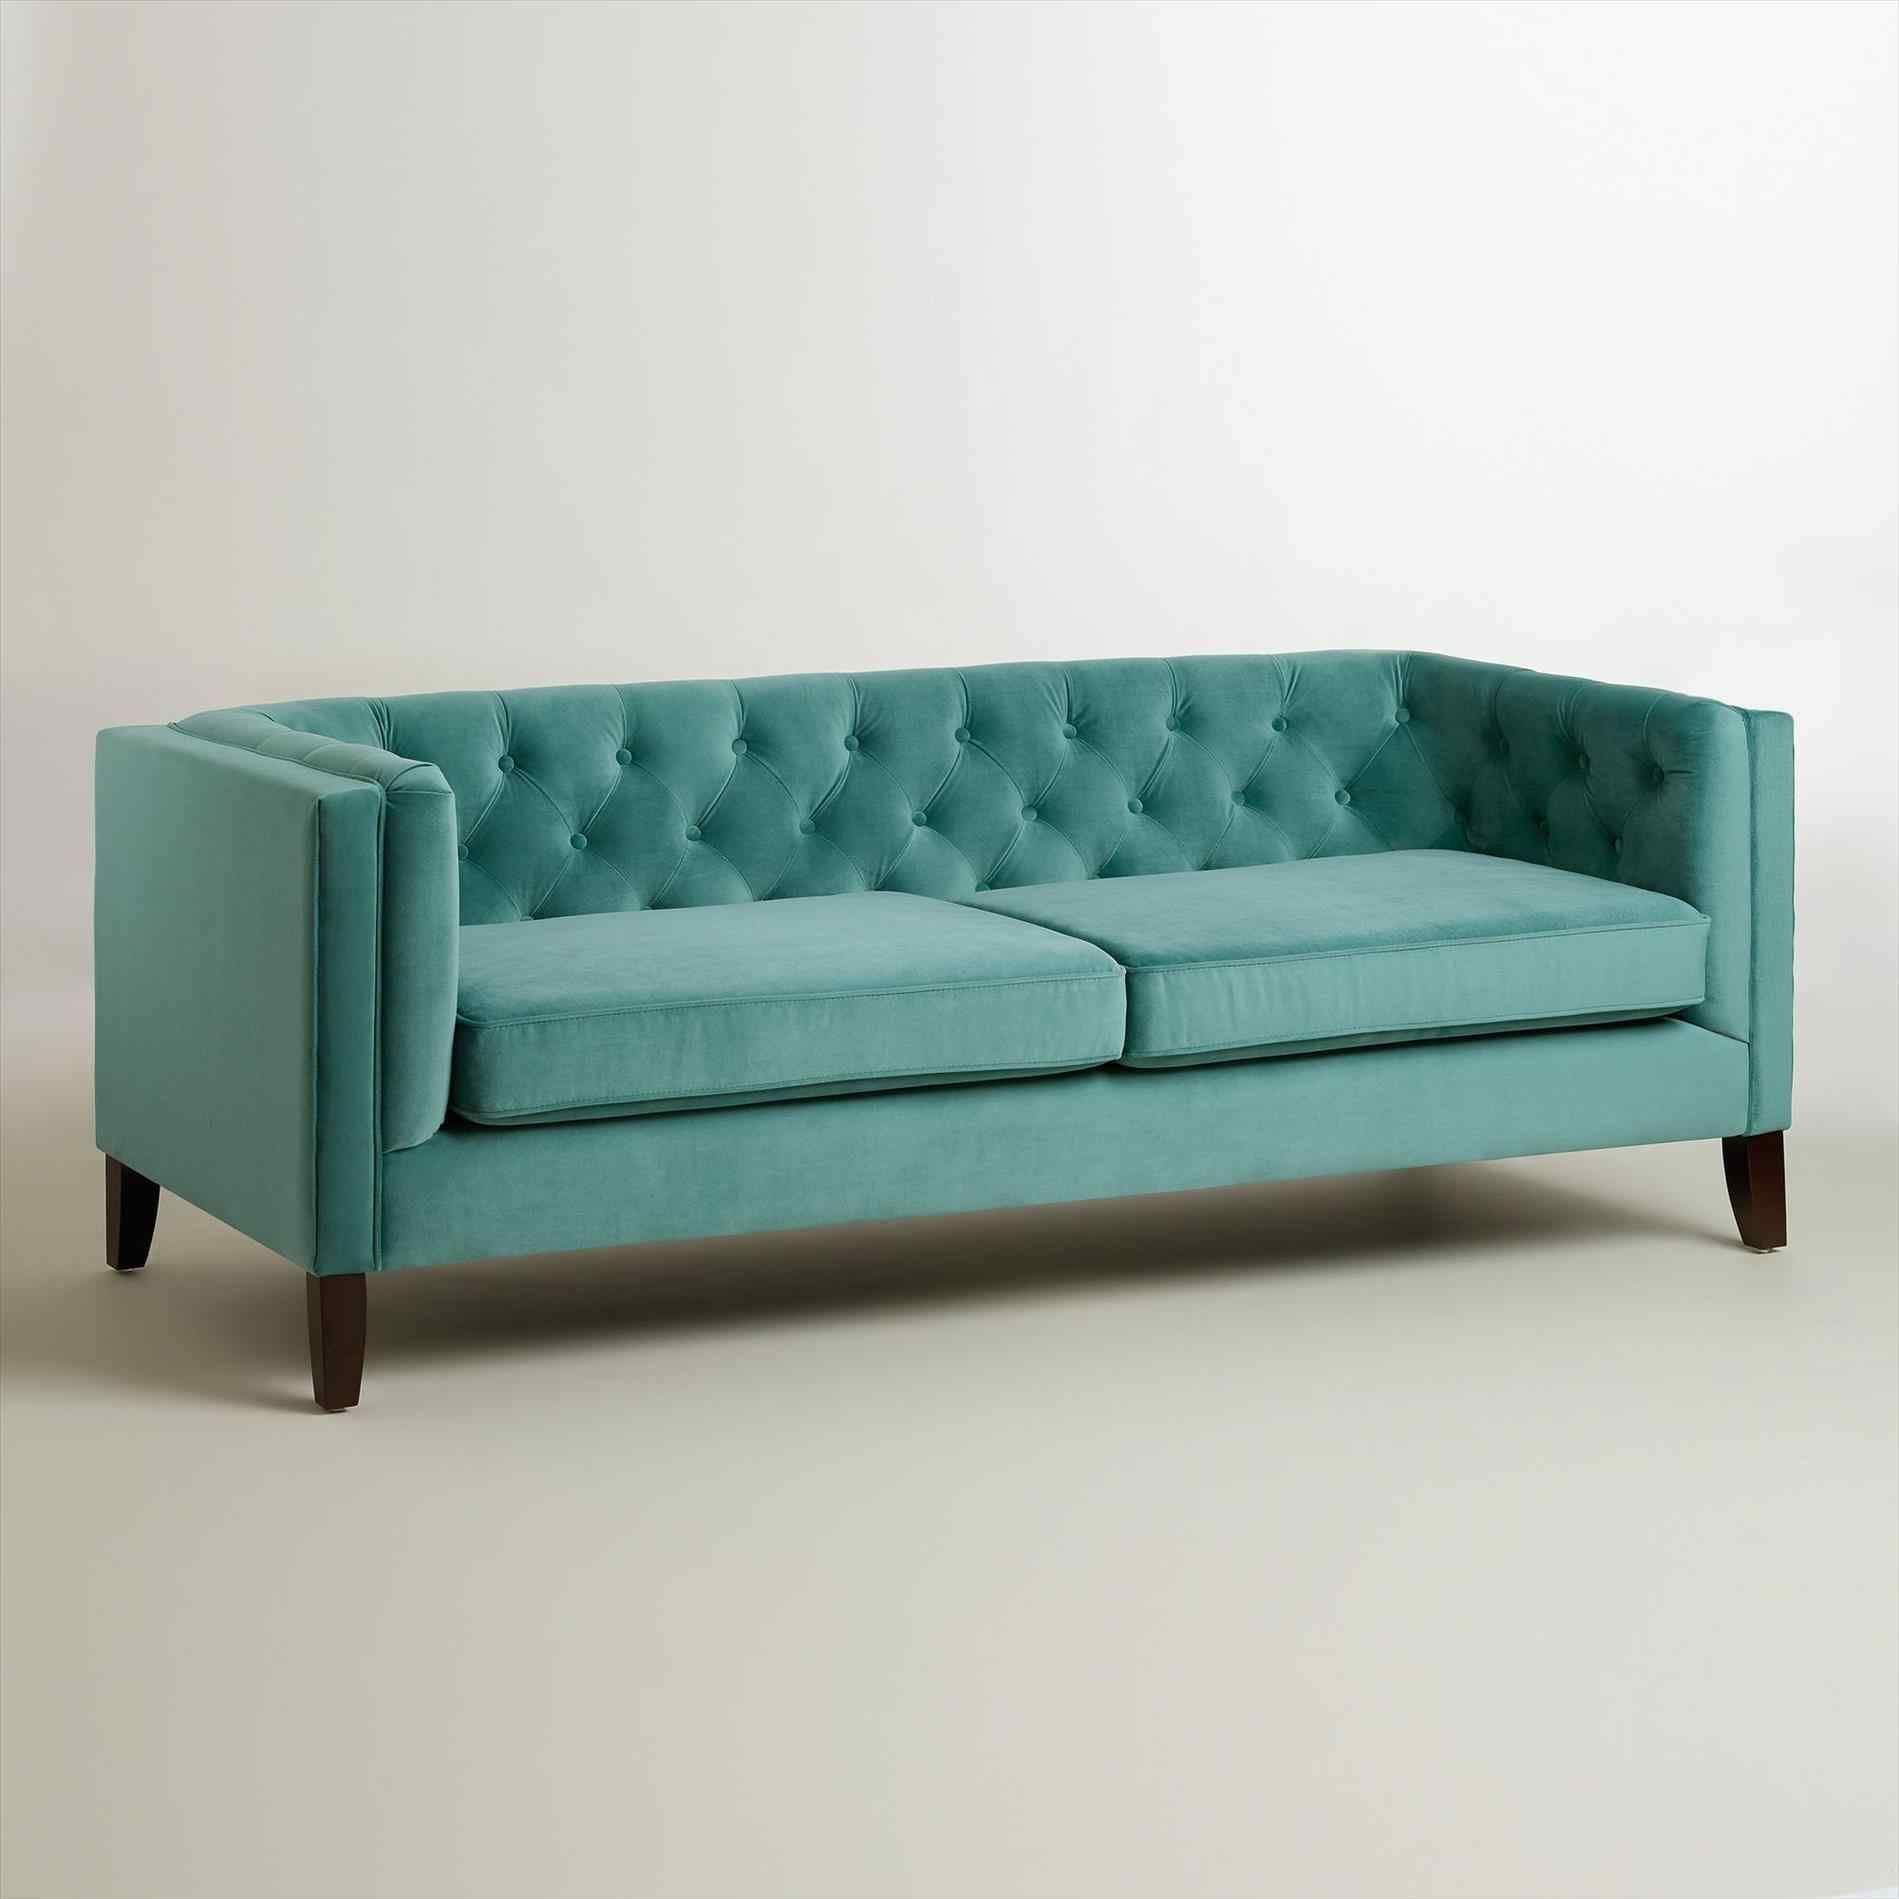 Oscar Chair Charcoal World Market Sleeper Sofa Oscar Chair Gray